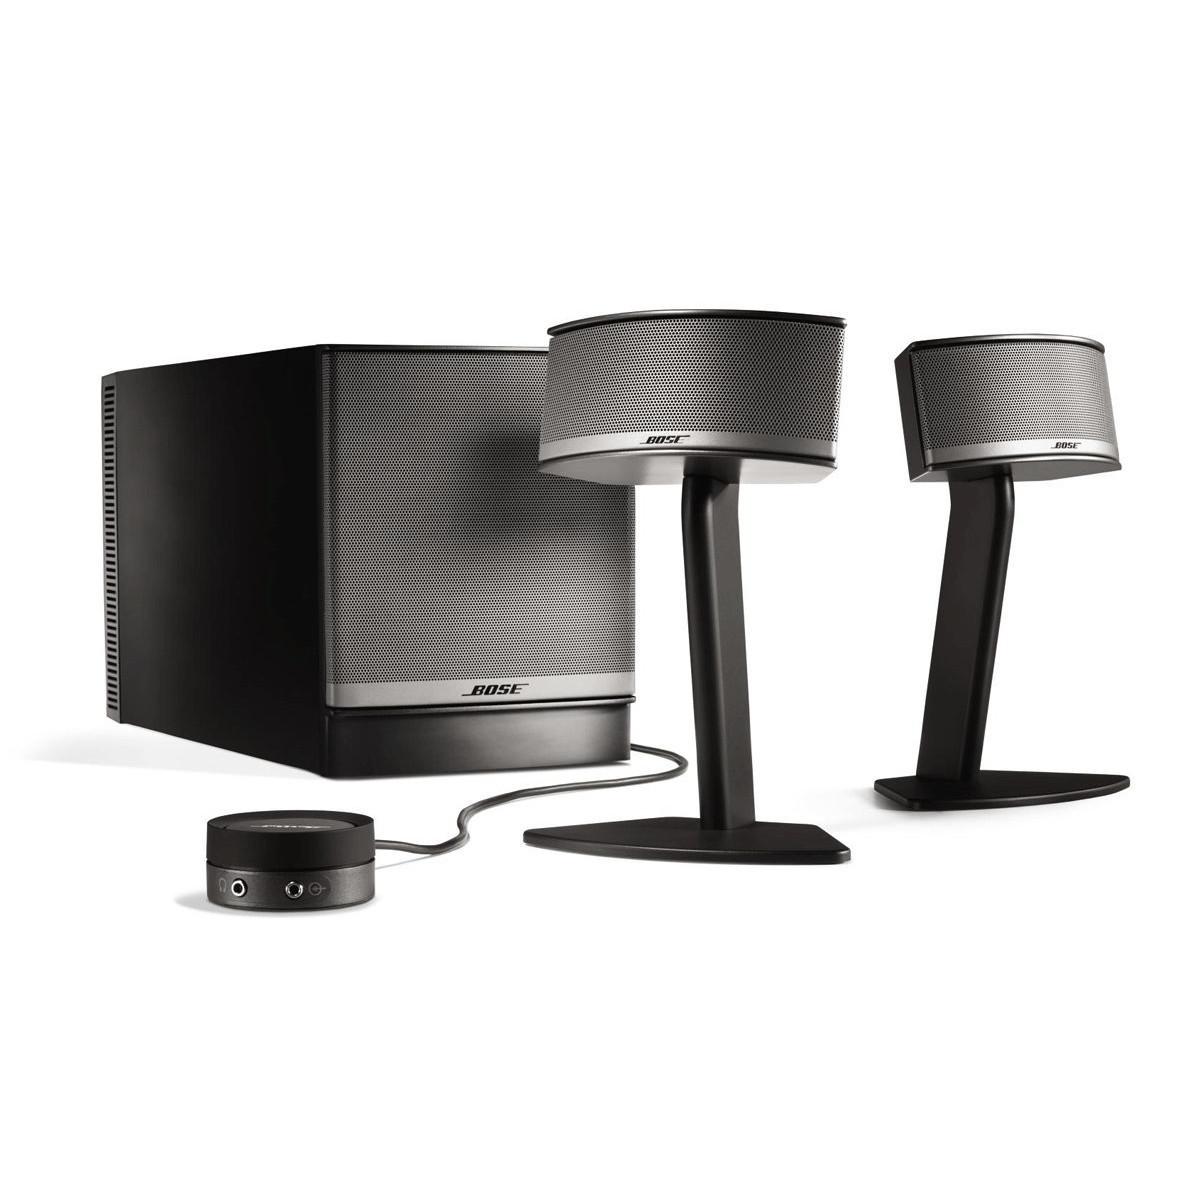 Companion Connecte: DISC Bose Companion 5 Multimedia Speaker System, Graphite